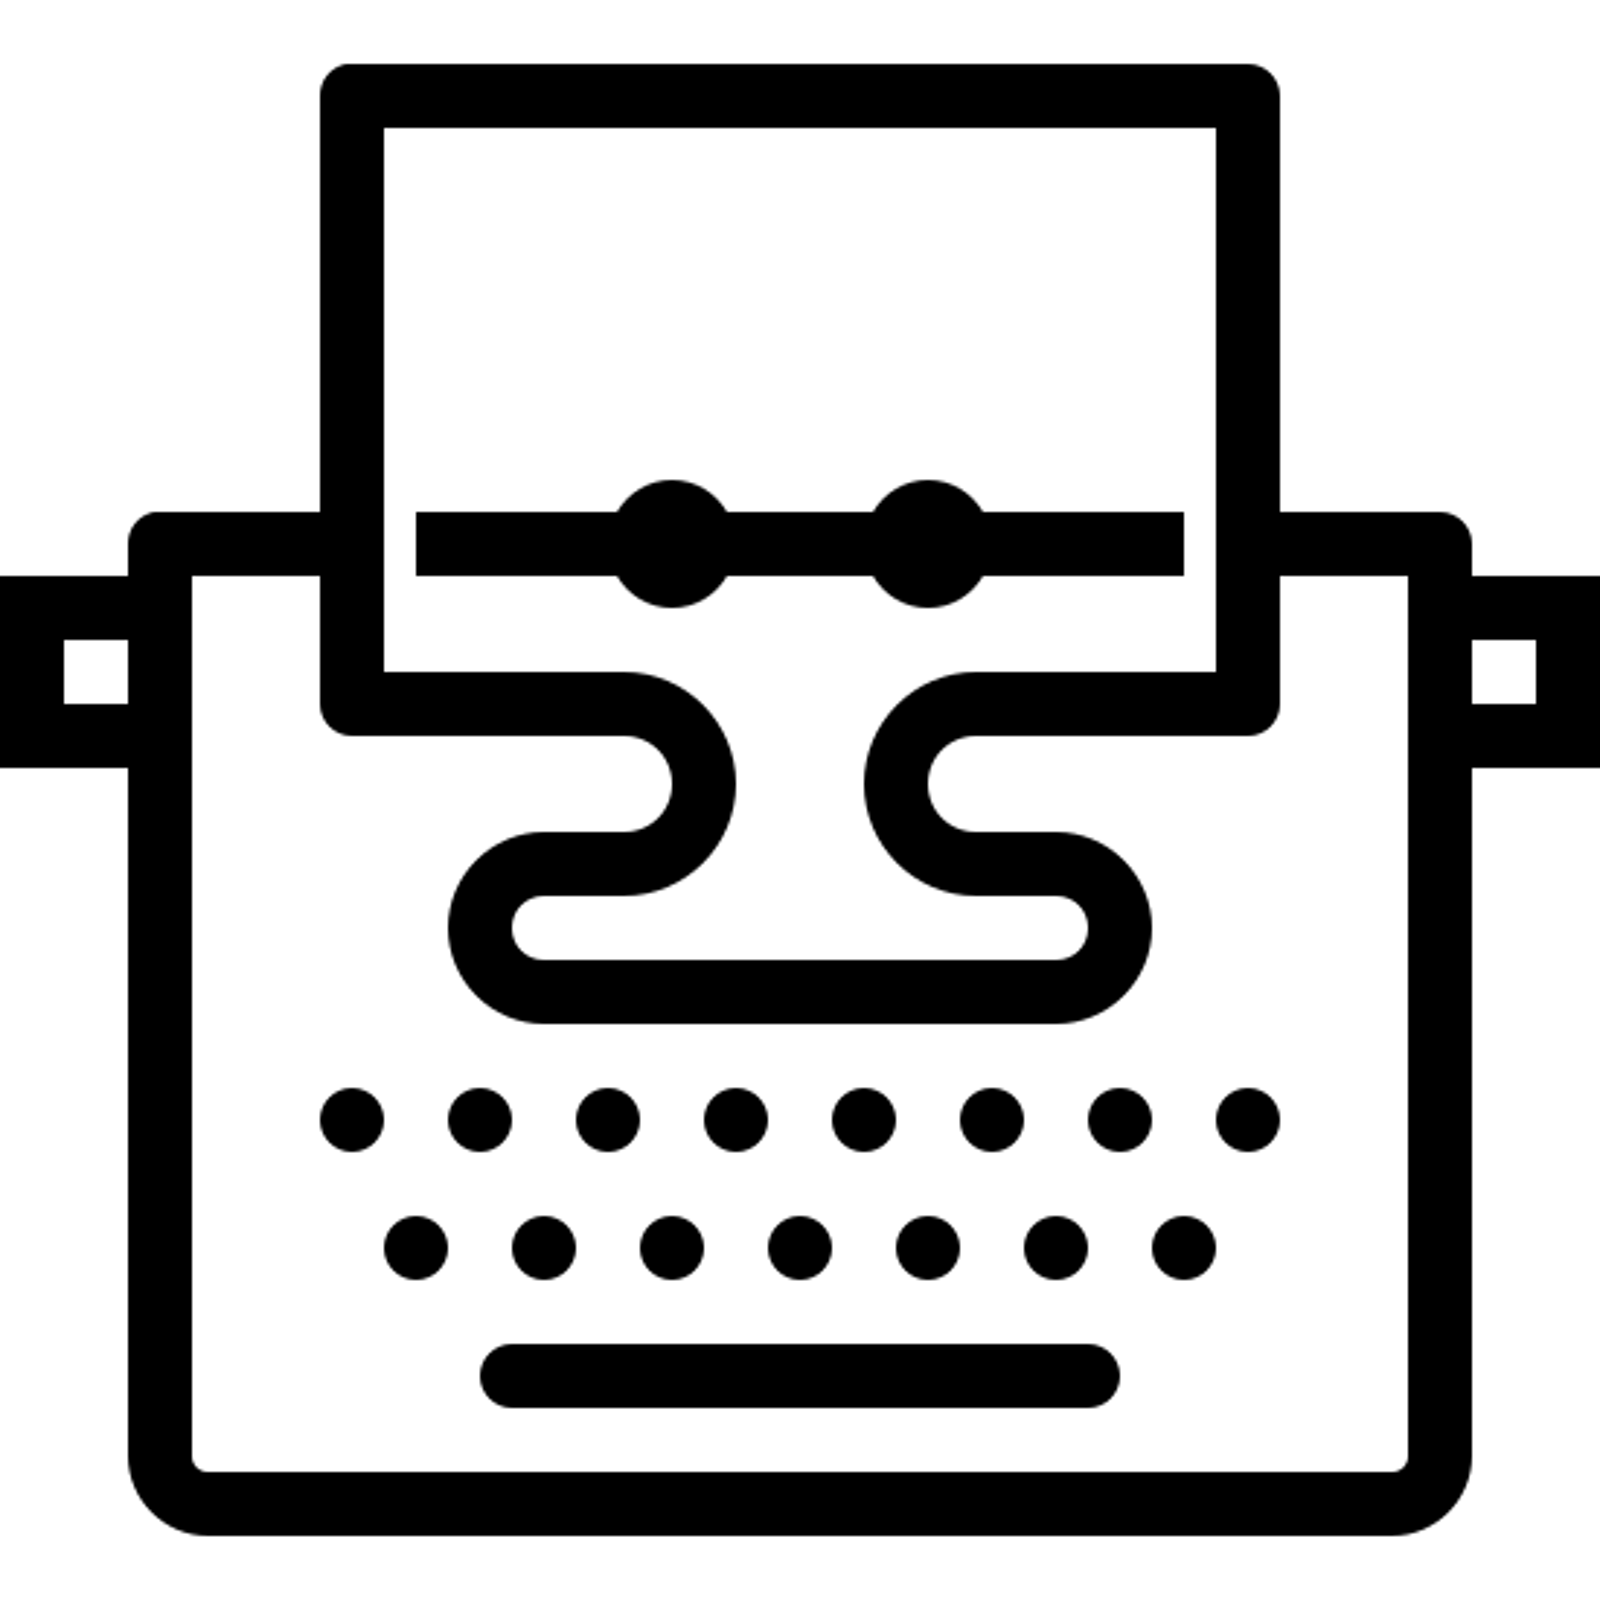 打字机和纸 icon. It's a logo of typewriter with paper reduced to an image of a typewriter with paper sticking out of its tray. The typewriter used to be our main source of writing, it has many keys on it and it works similar to typing on a computer keyboard.